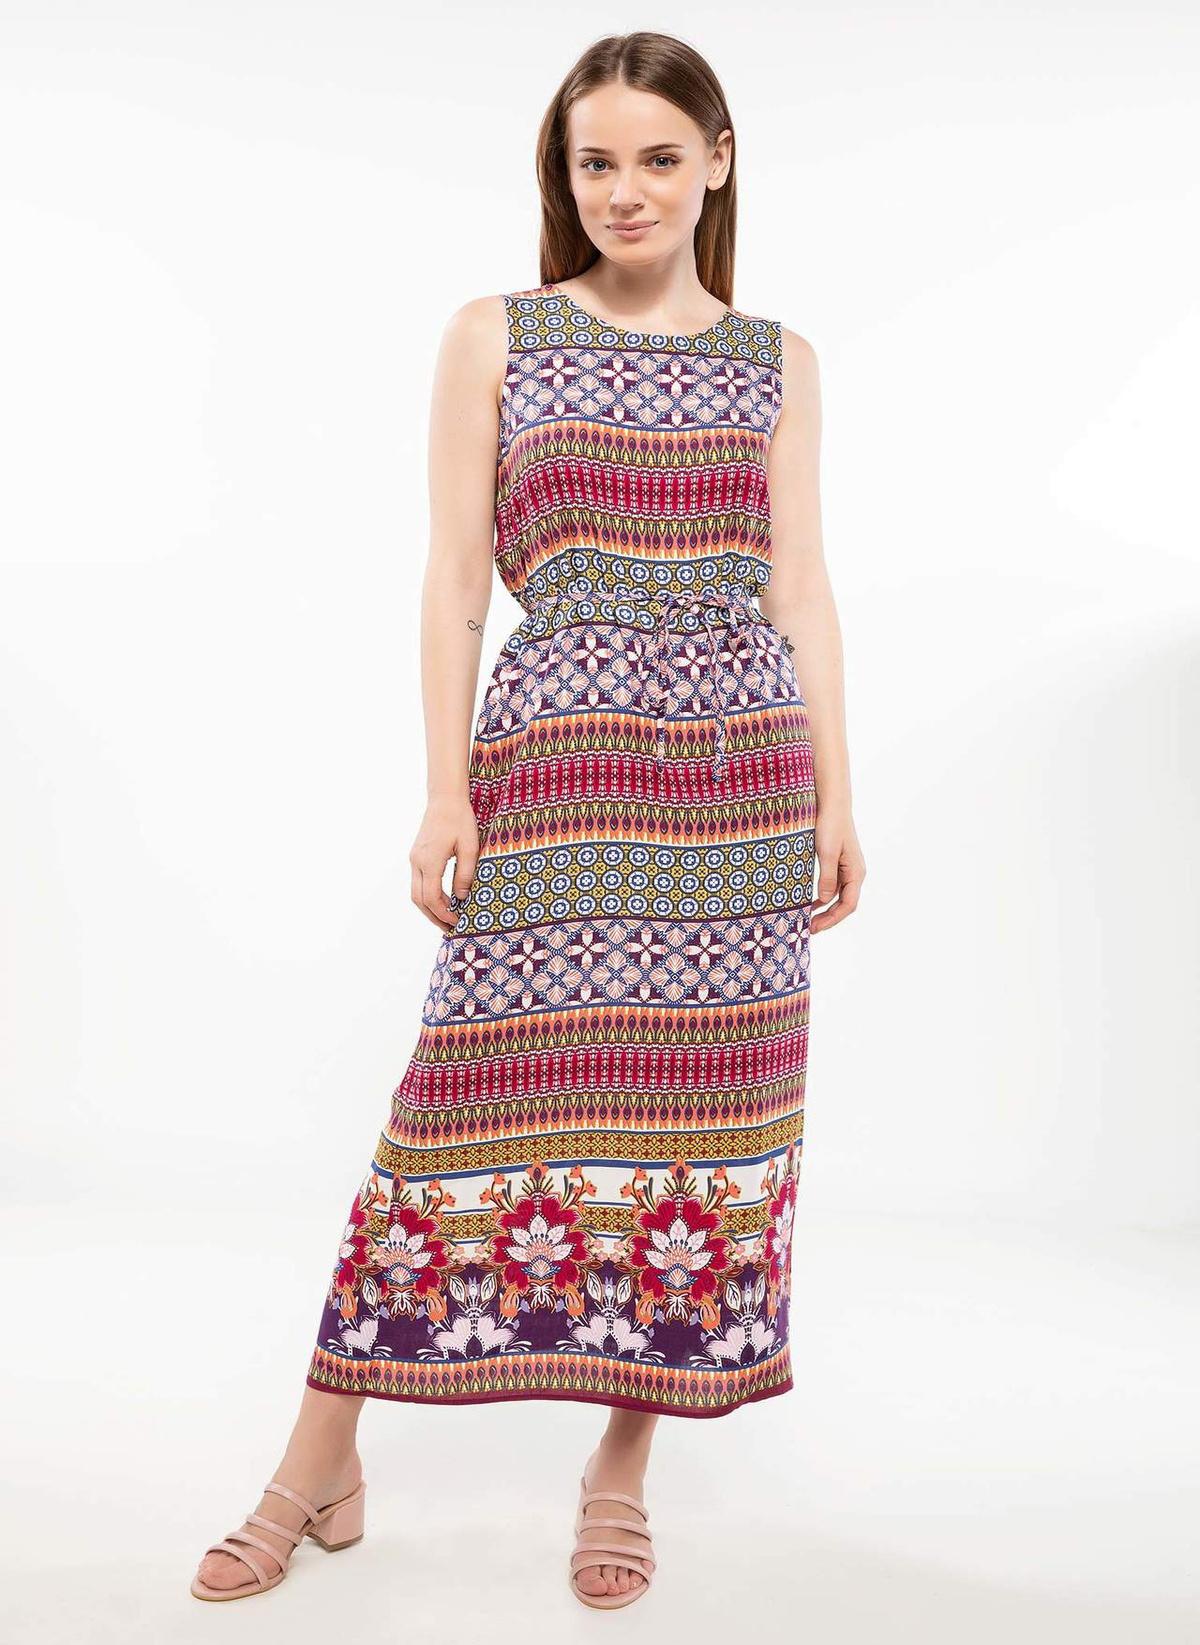 Defacto Baskılı Trend Elbise J6051az18hspn381elbise – 79.99 TL